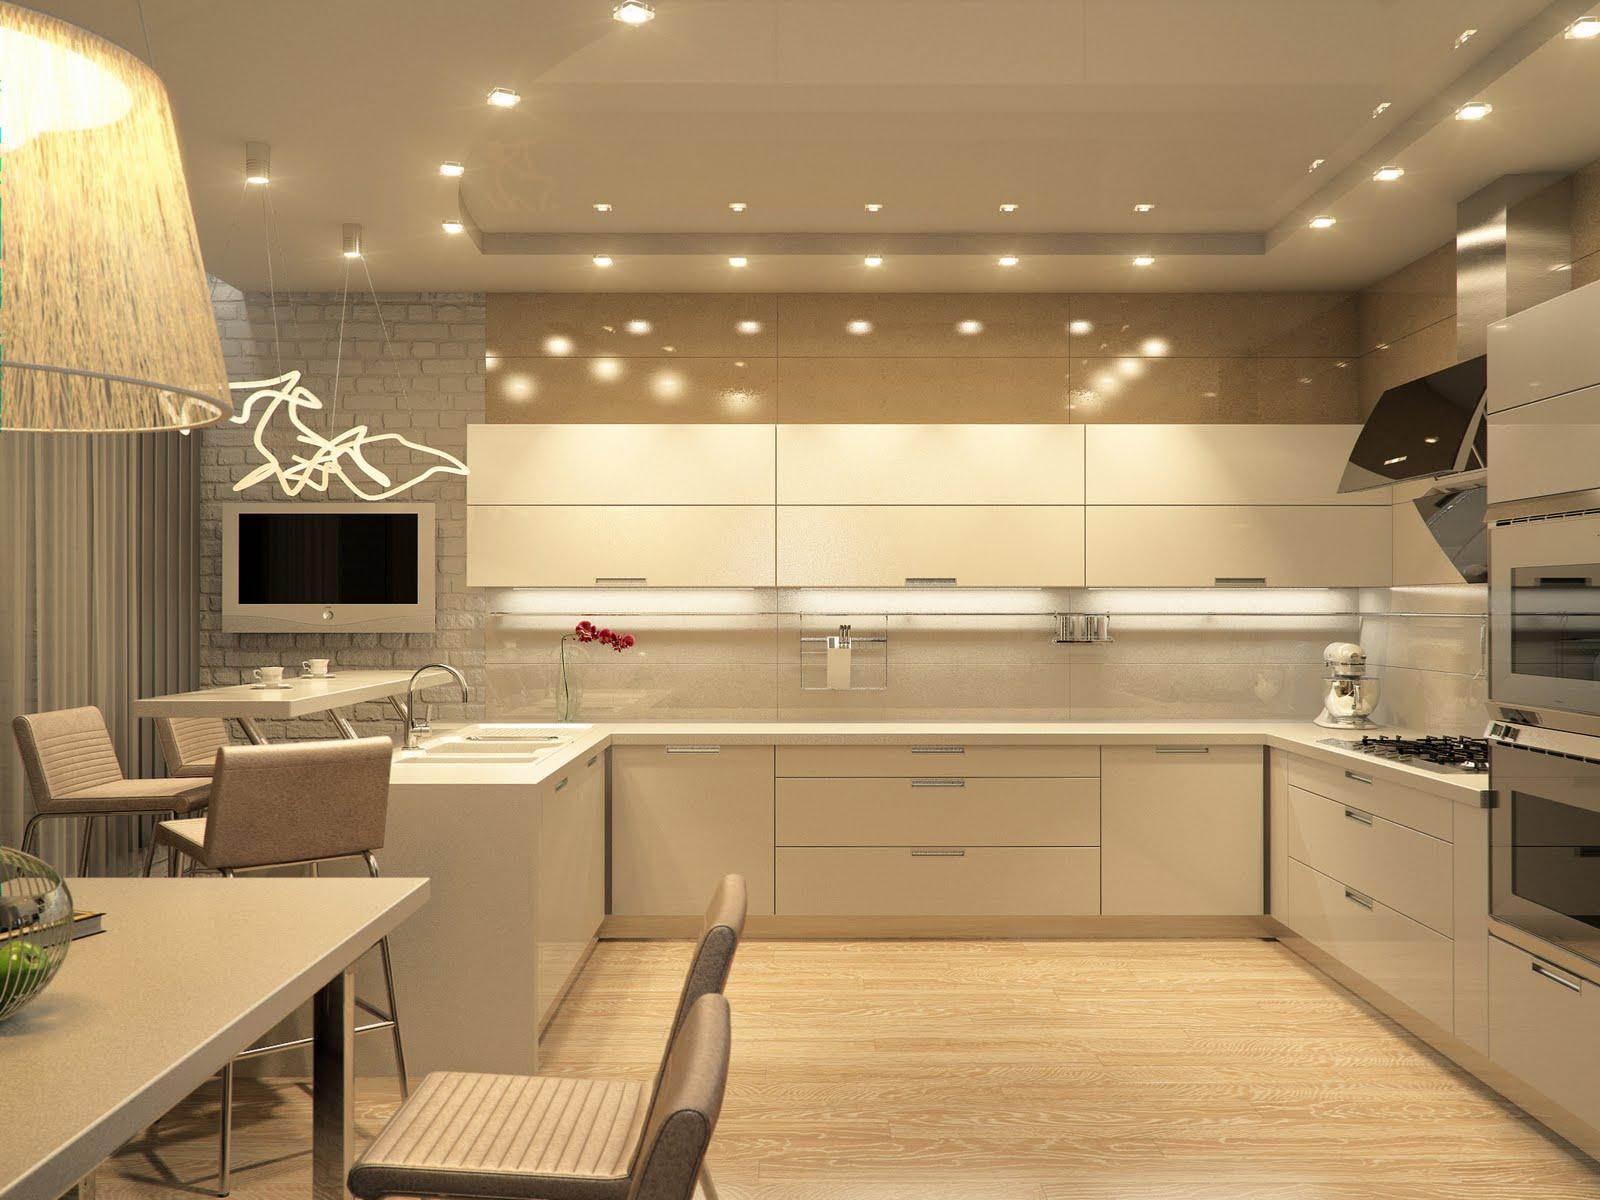 Особенности обустройства кухонного пространства